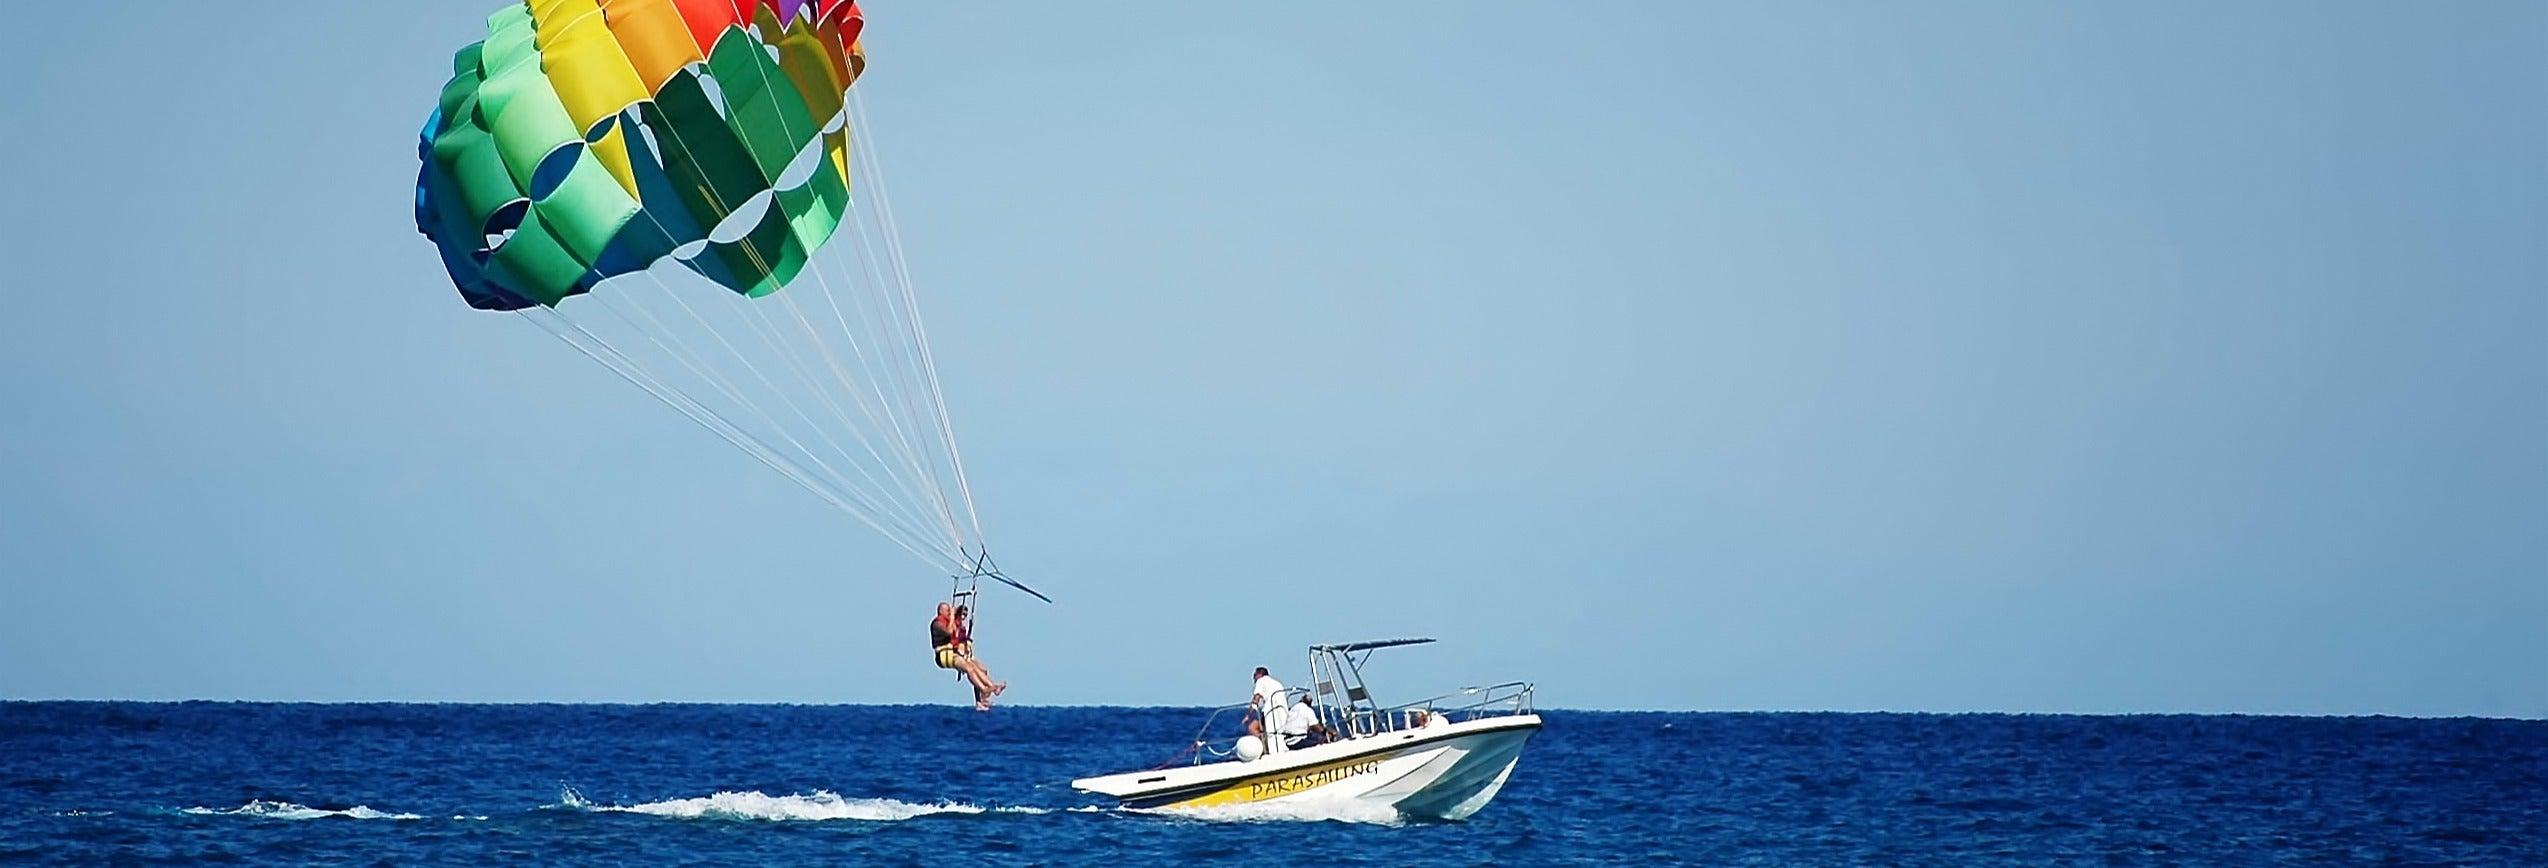 Parachute ascensionnel à Hurghada